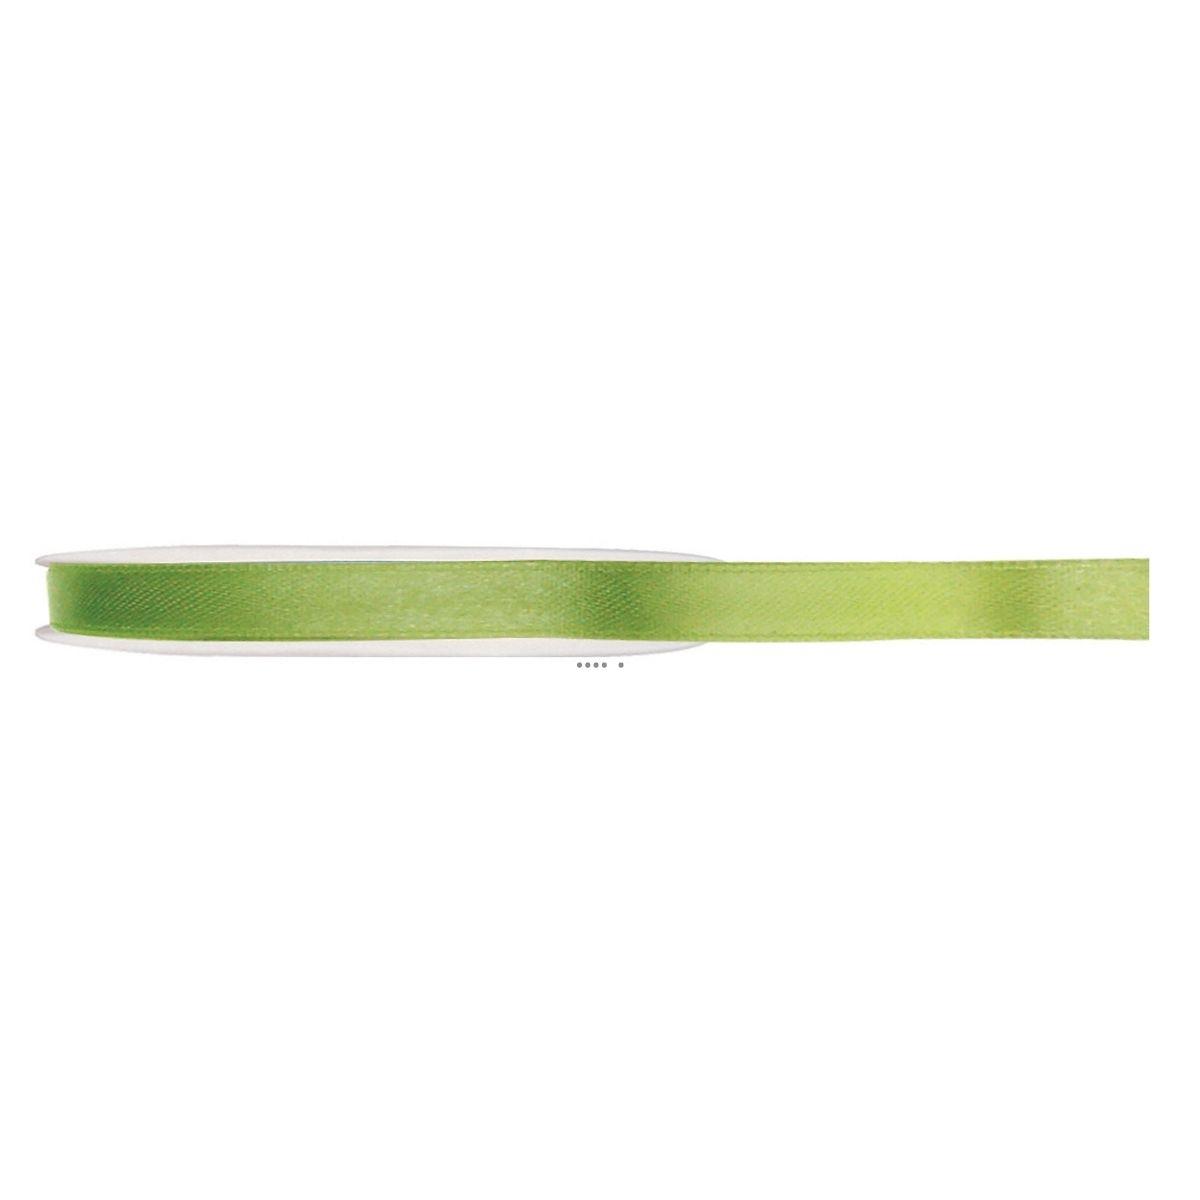 Ruban Tout Satin Vert Anis 6 mm bobine de 25 m - choisissez votre couleur: VERT ANIS